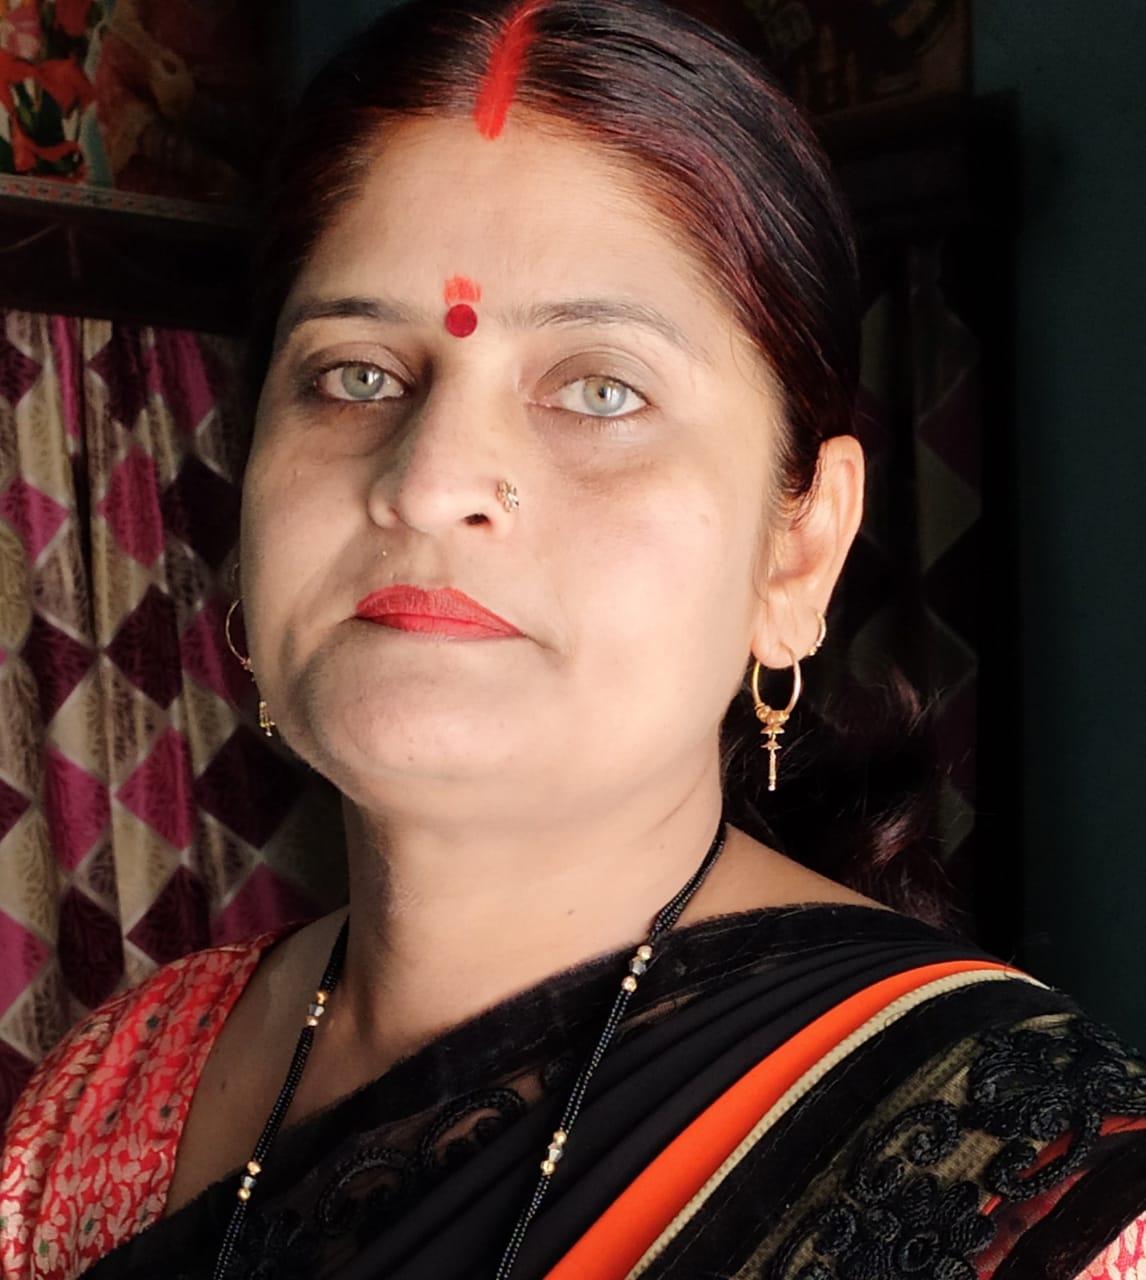 स्वयं सहायता समूह में शामिल महिलाओं का कर्ज माफ करने को लेकर धरना शुक्रवार को- बंदना सिंह